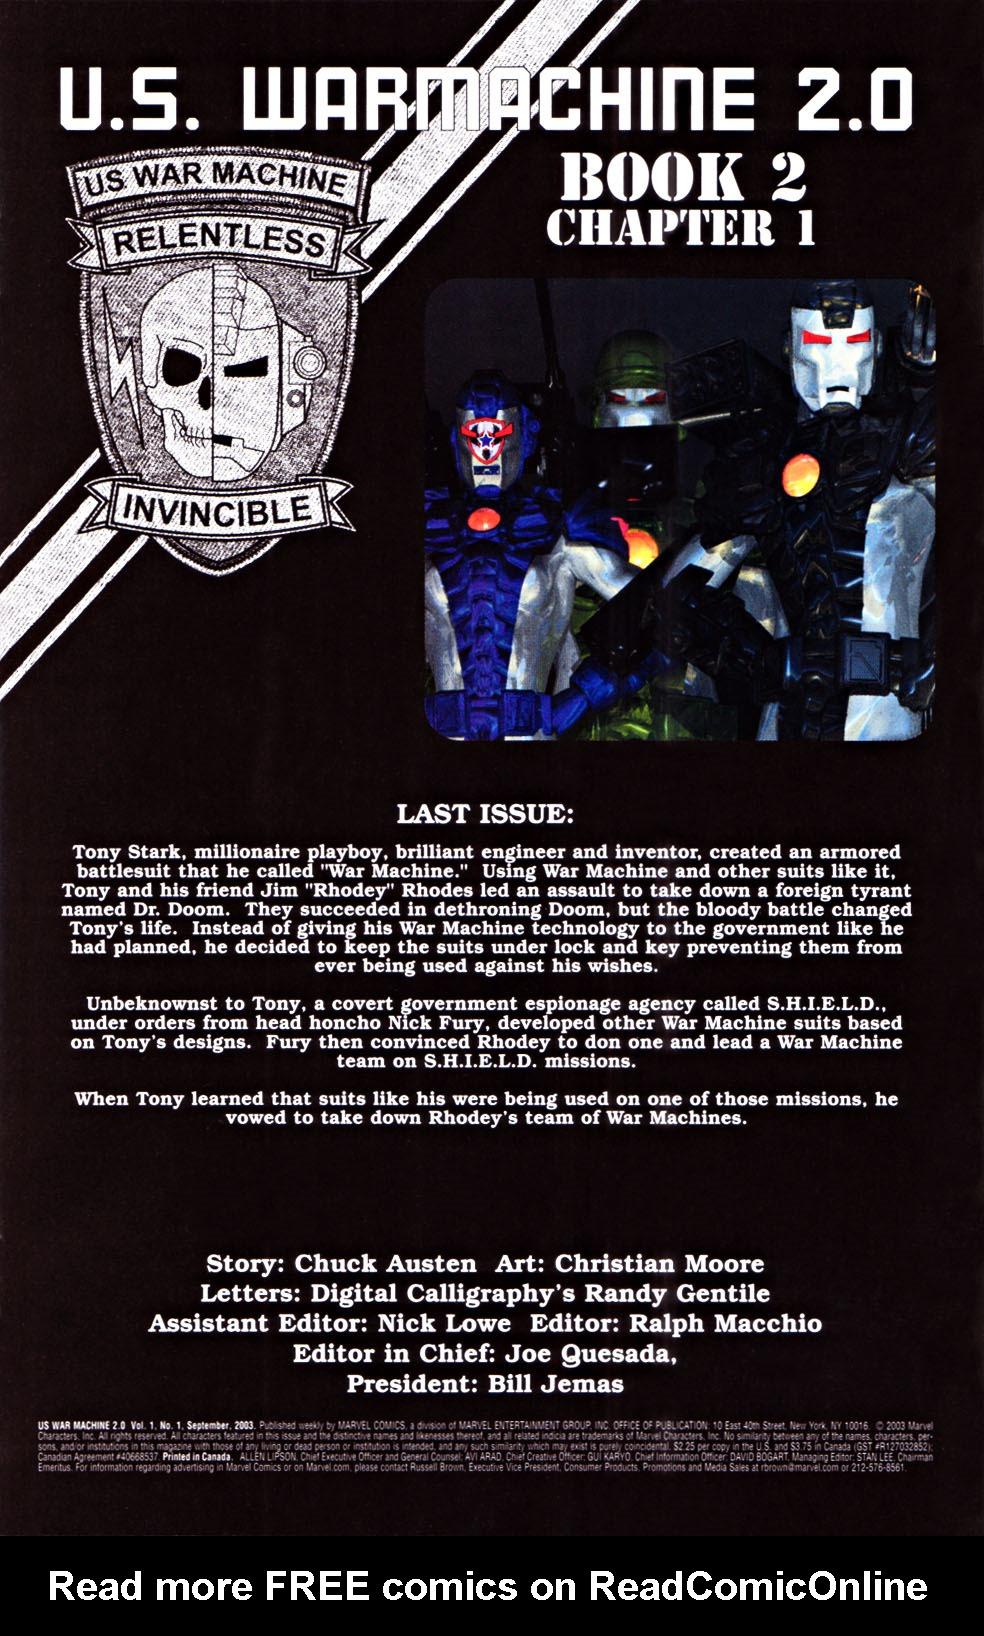 Read online U.S. War Machine 2.0 comic -  Issue #1 - 2